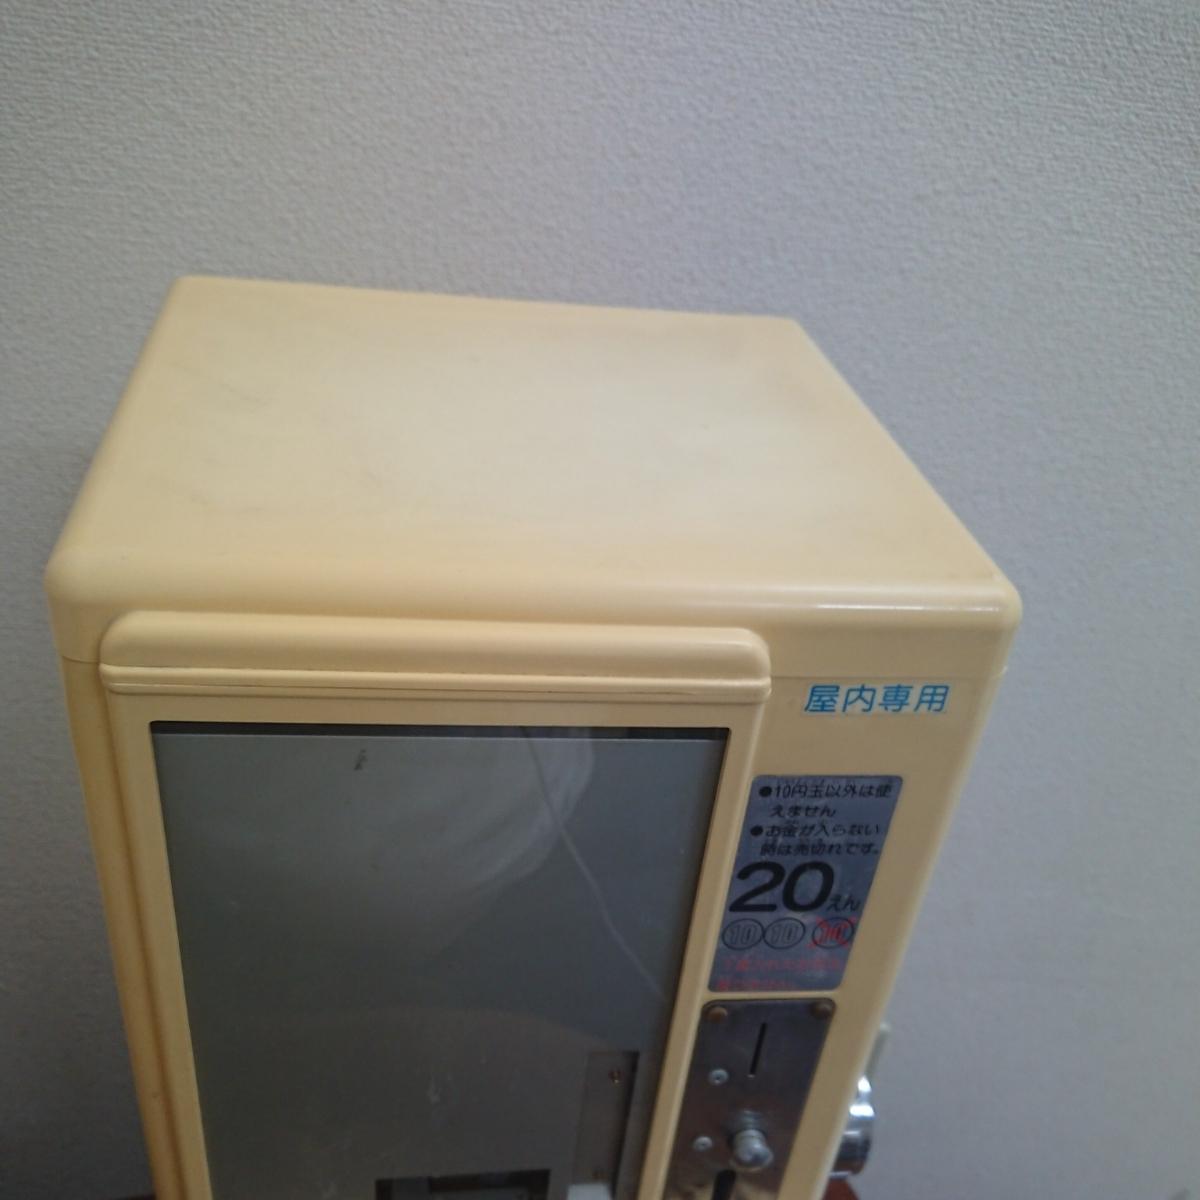 ■1円~ ラスト1 バンダイ カードダス20 1988年製 本体 可動品 台紙なし 鍵はマスターをお付けします 発送はゆうパック120_画像6